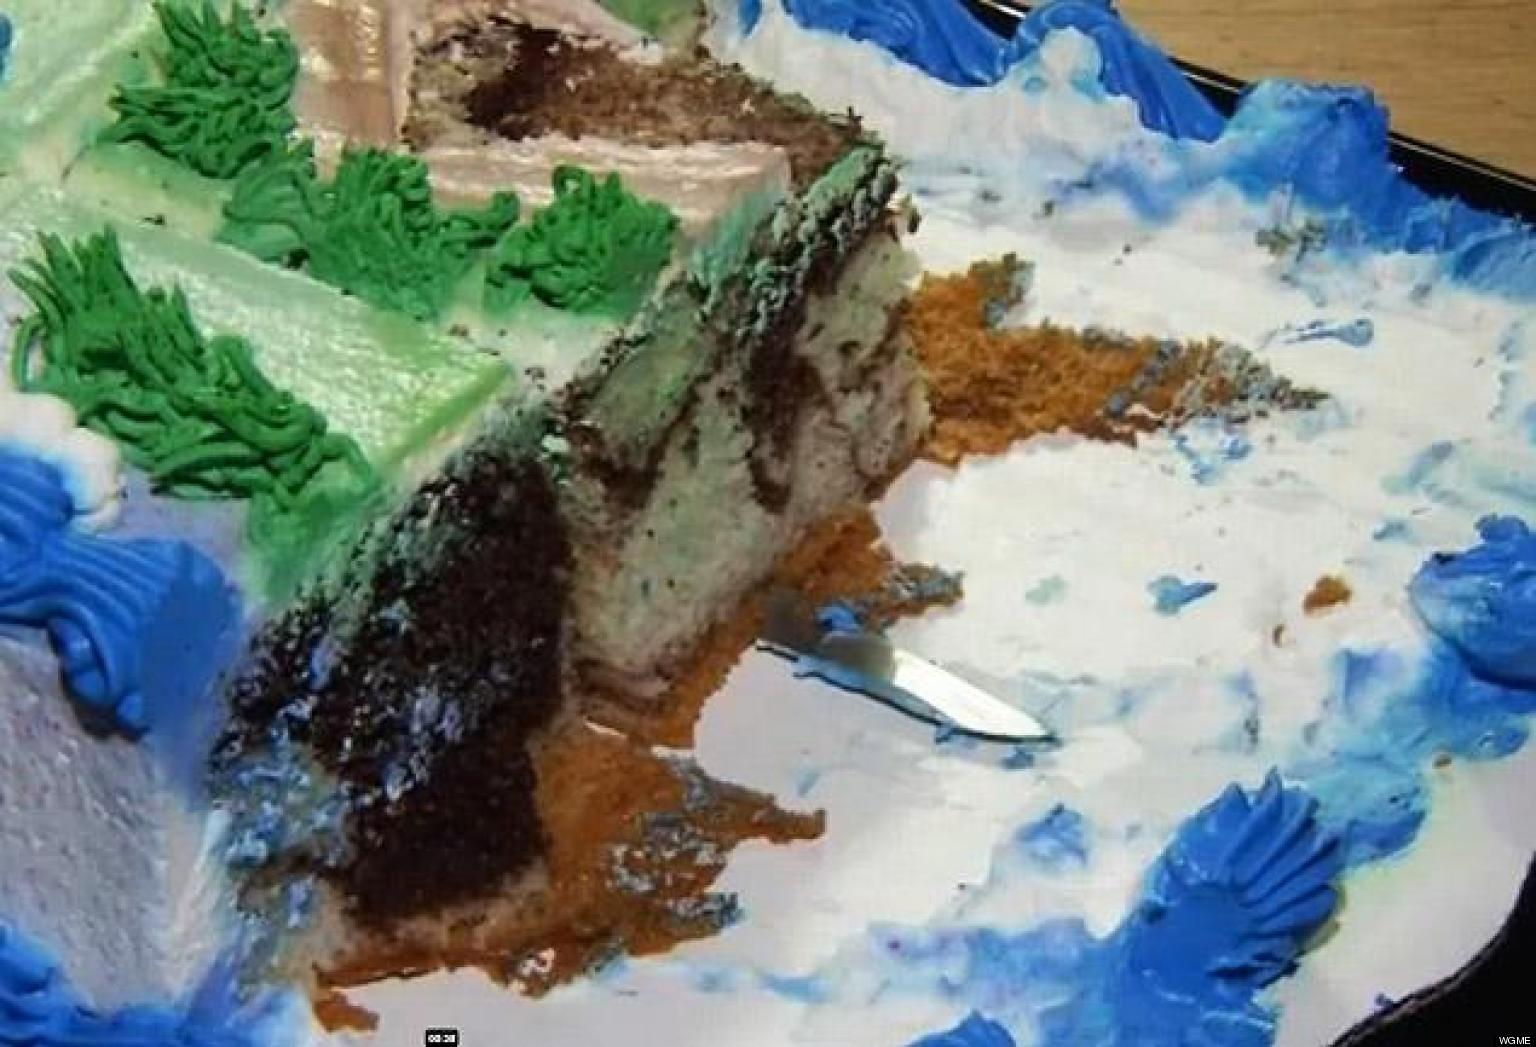 Knife In Walmart Cake Cayden Bibeau 2 Finds Weapon In